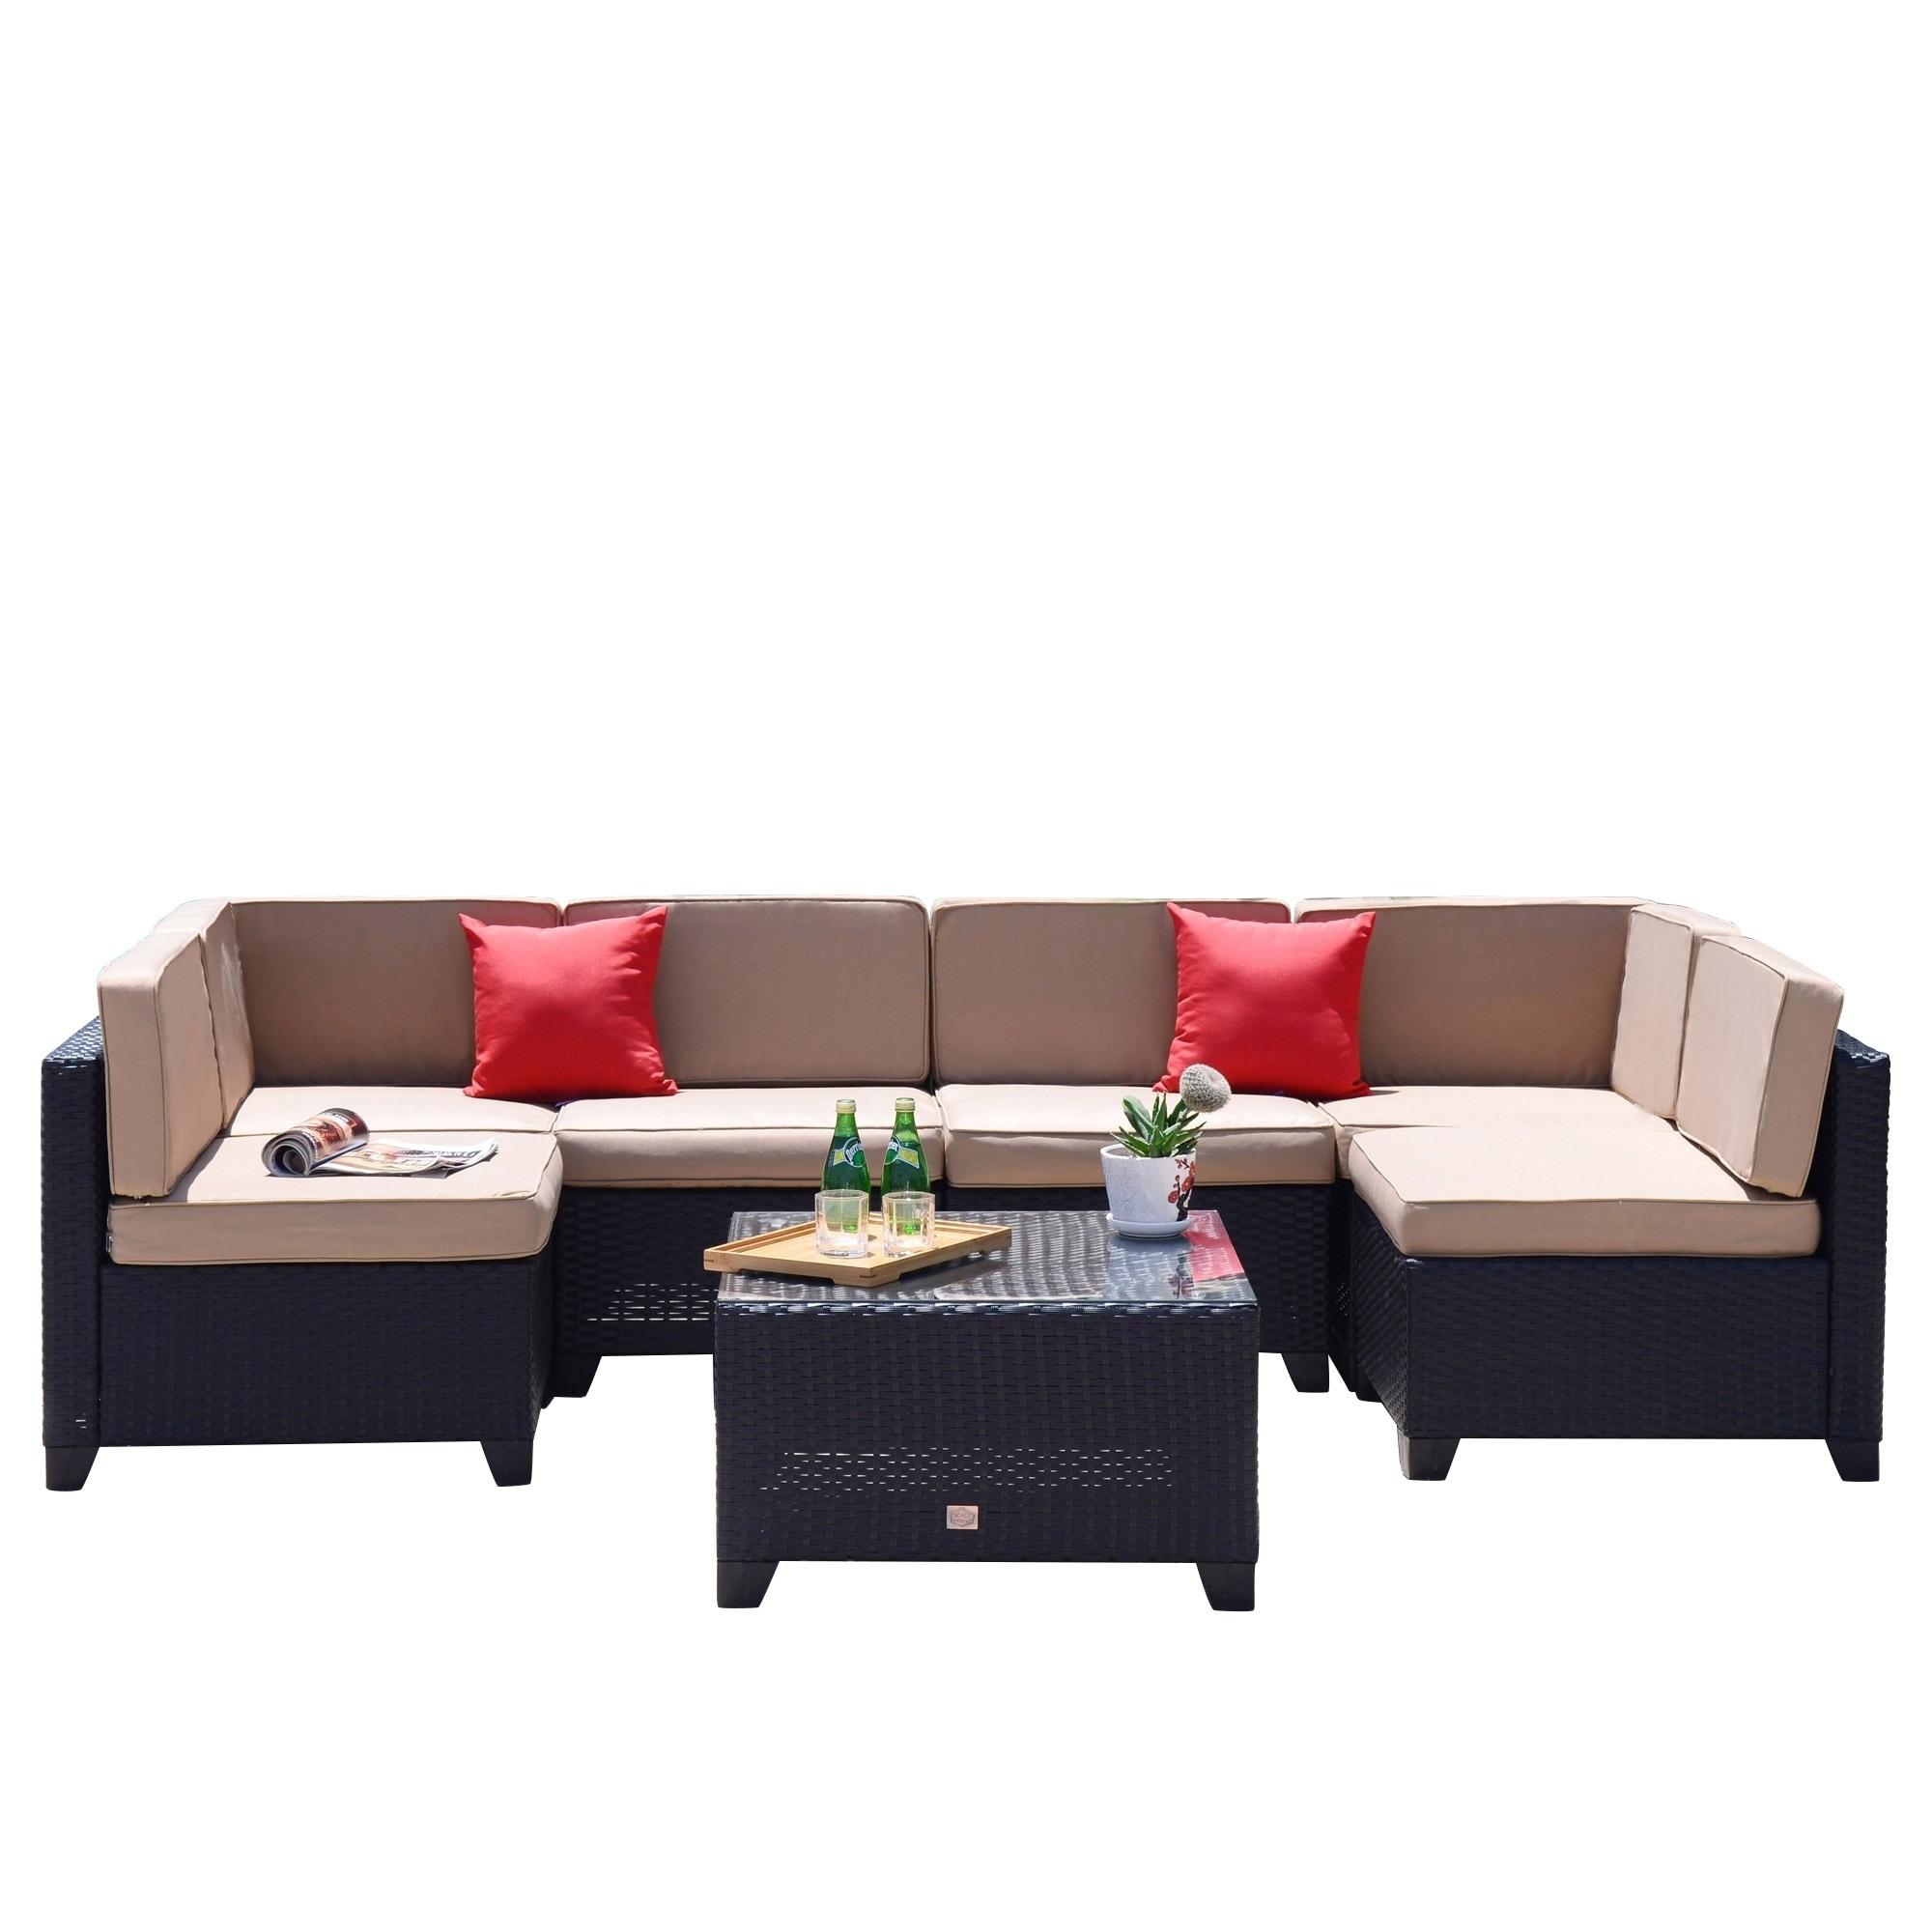 Shop 7 PC Patio PE Rattan Wicker Furniture Set Backyard Sectional ...